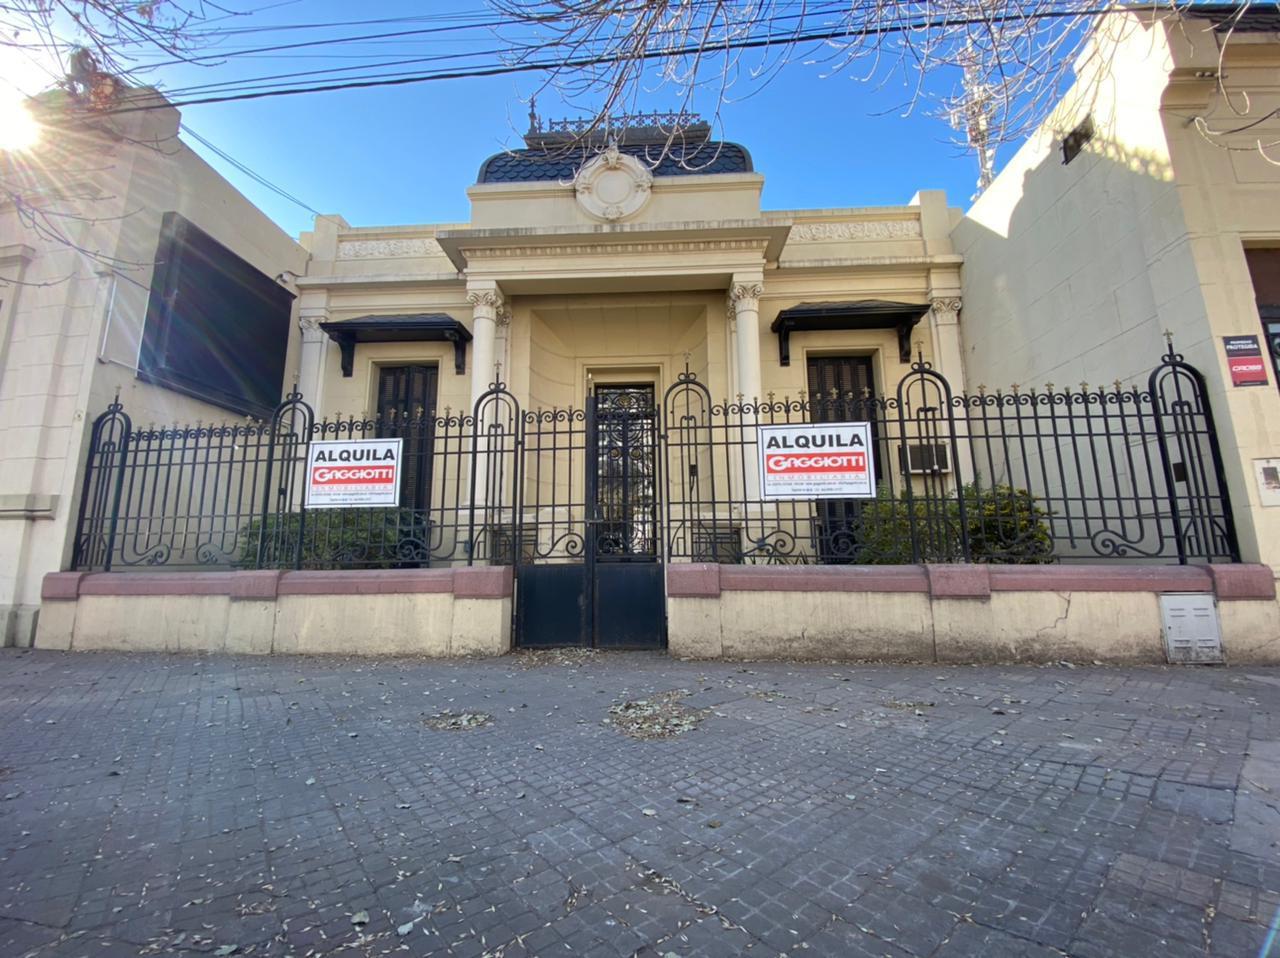 Pueyrredón 168 - Gaggiotti Inmobiliaria cuenta con más de 50 años desde que se inicio en el negocio de los servicios inmobiliarios.